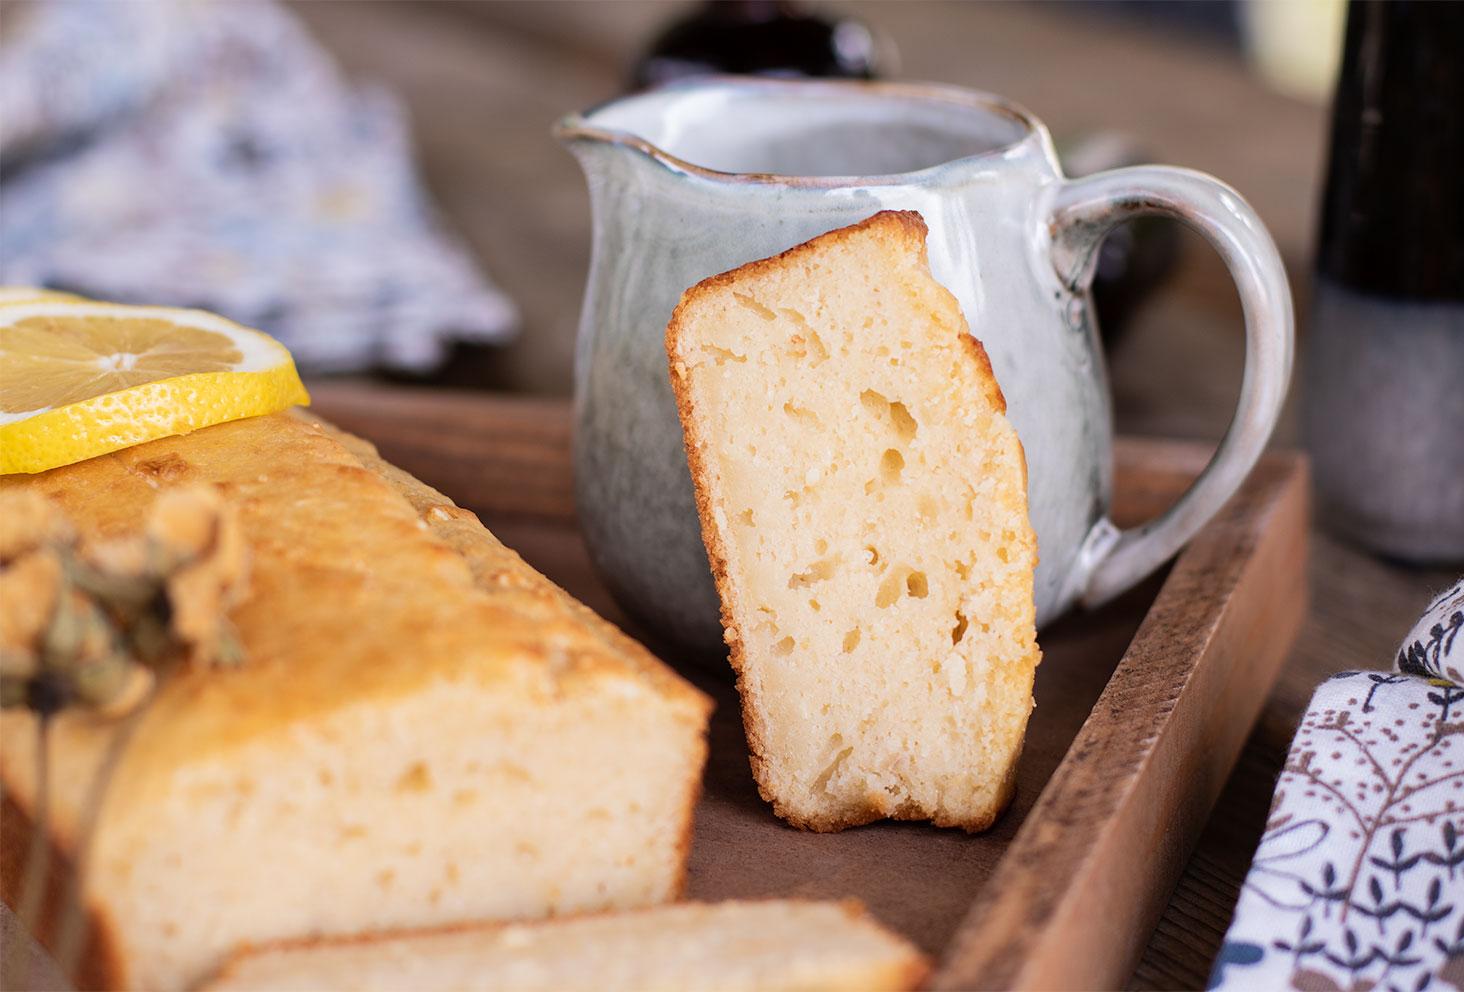 Zoom sur une part de cake au citron et graines de sésame, posé sur un plateau en bois le long d'un pot à lait